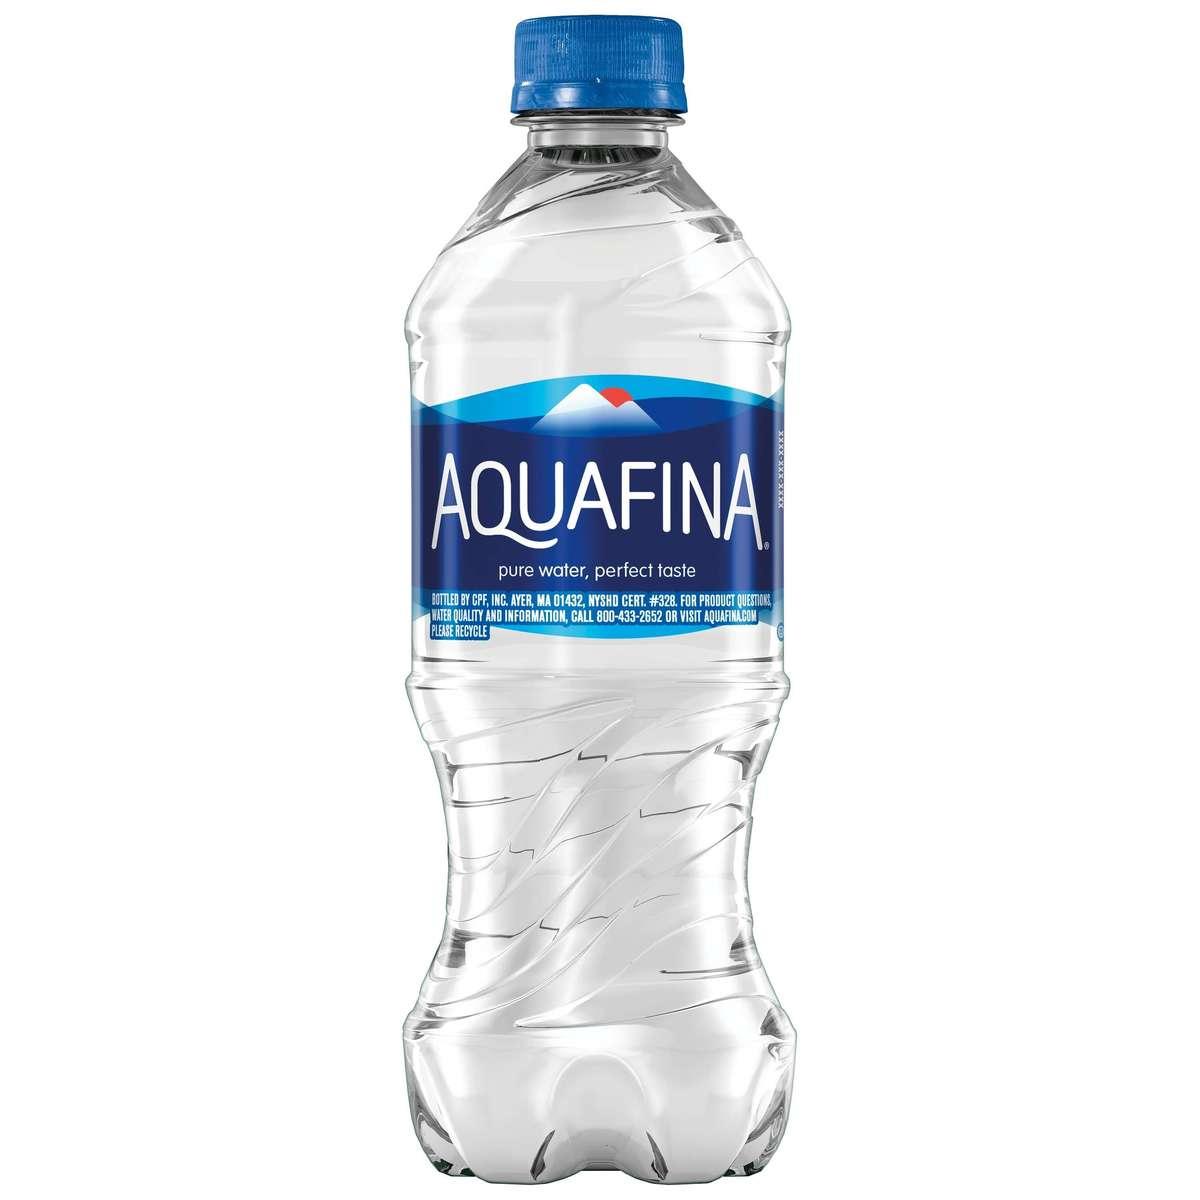 Aquafina (20 oz Bottle)